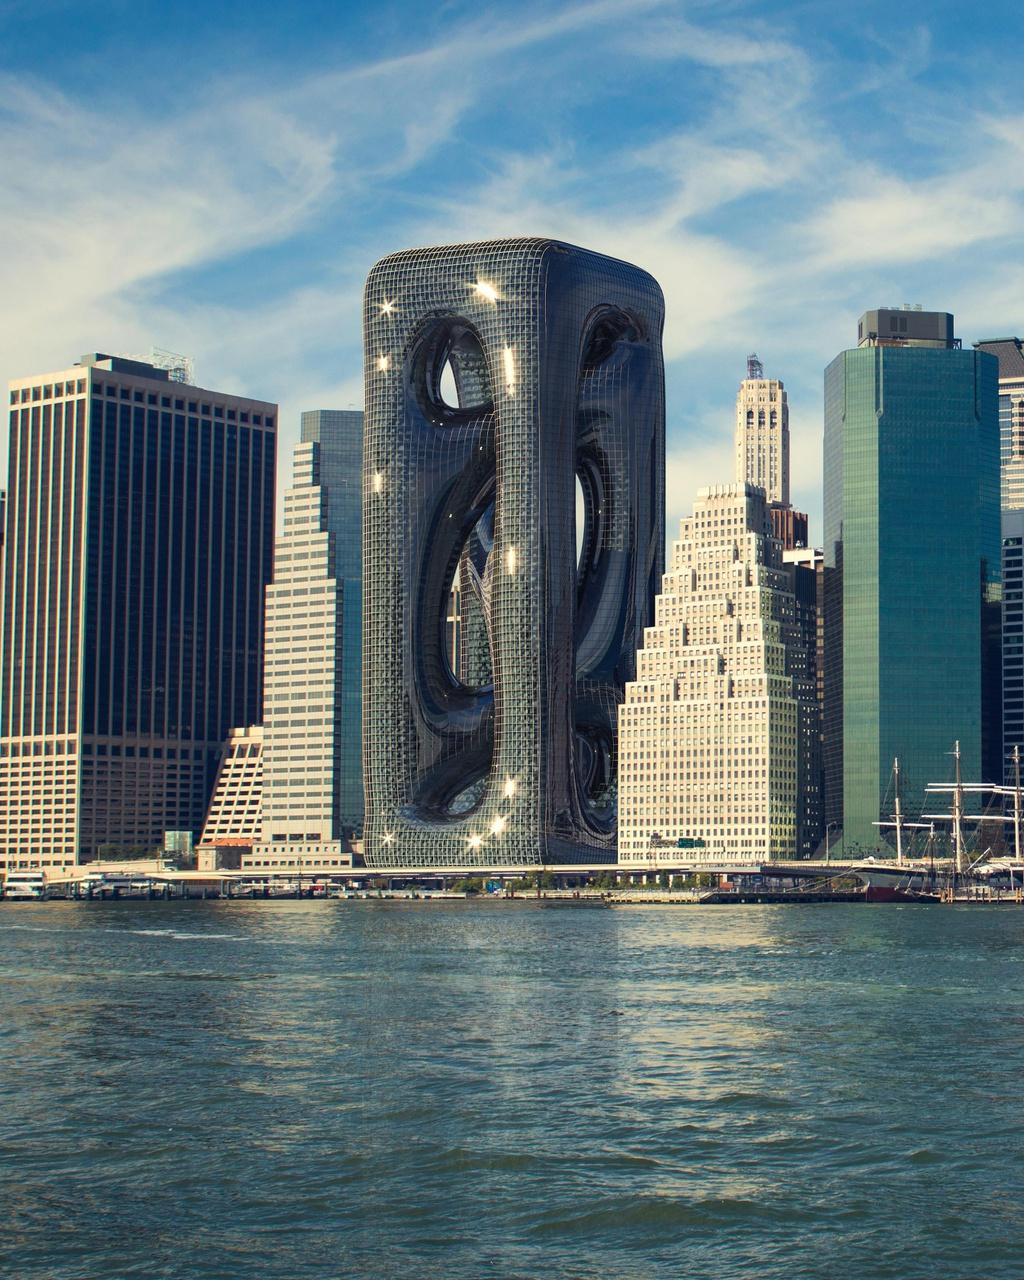 Tòa nhà được thiết kế kiểu vô định hình ở New York